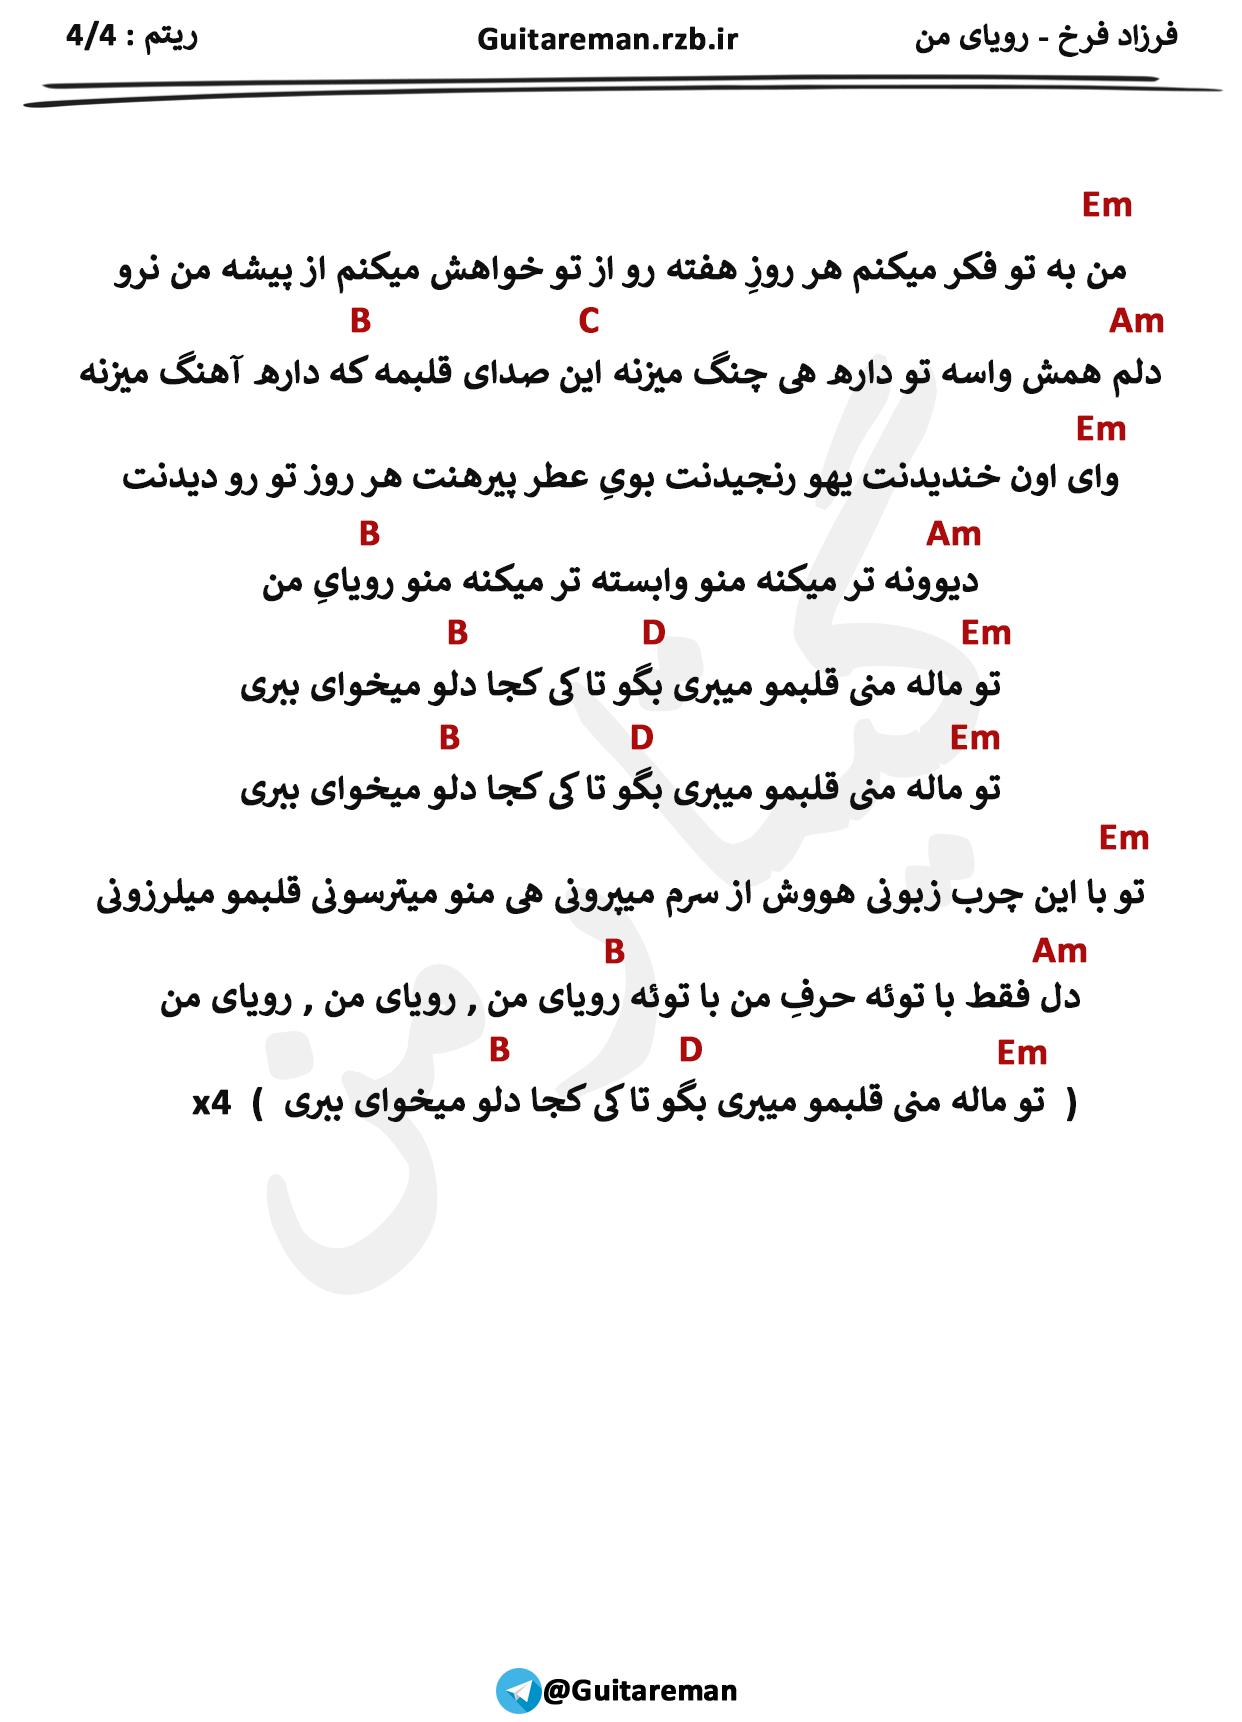 اکورد اهنگ رویای من از فرزاد فرخ